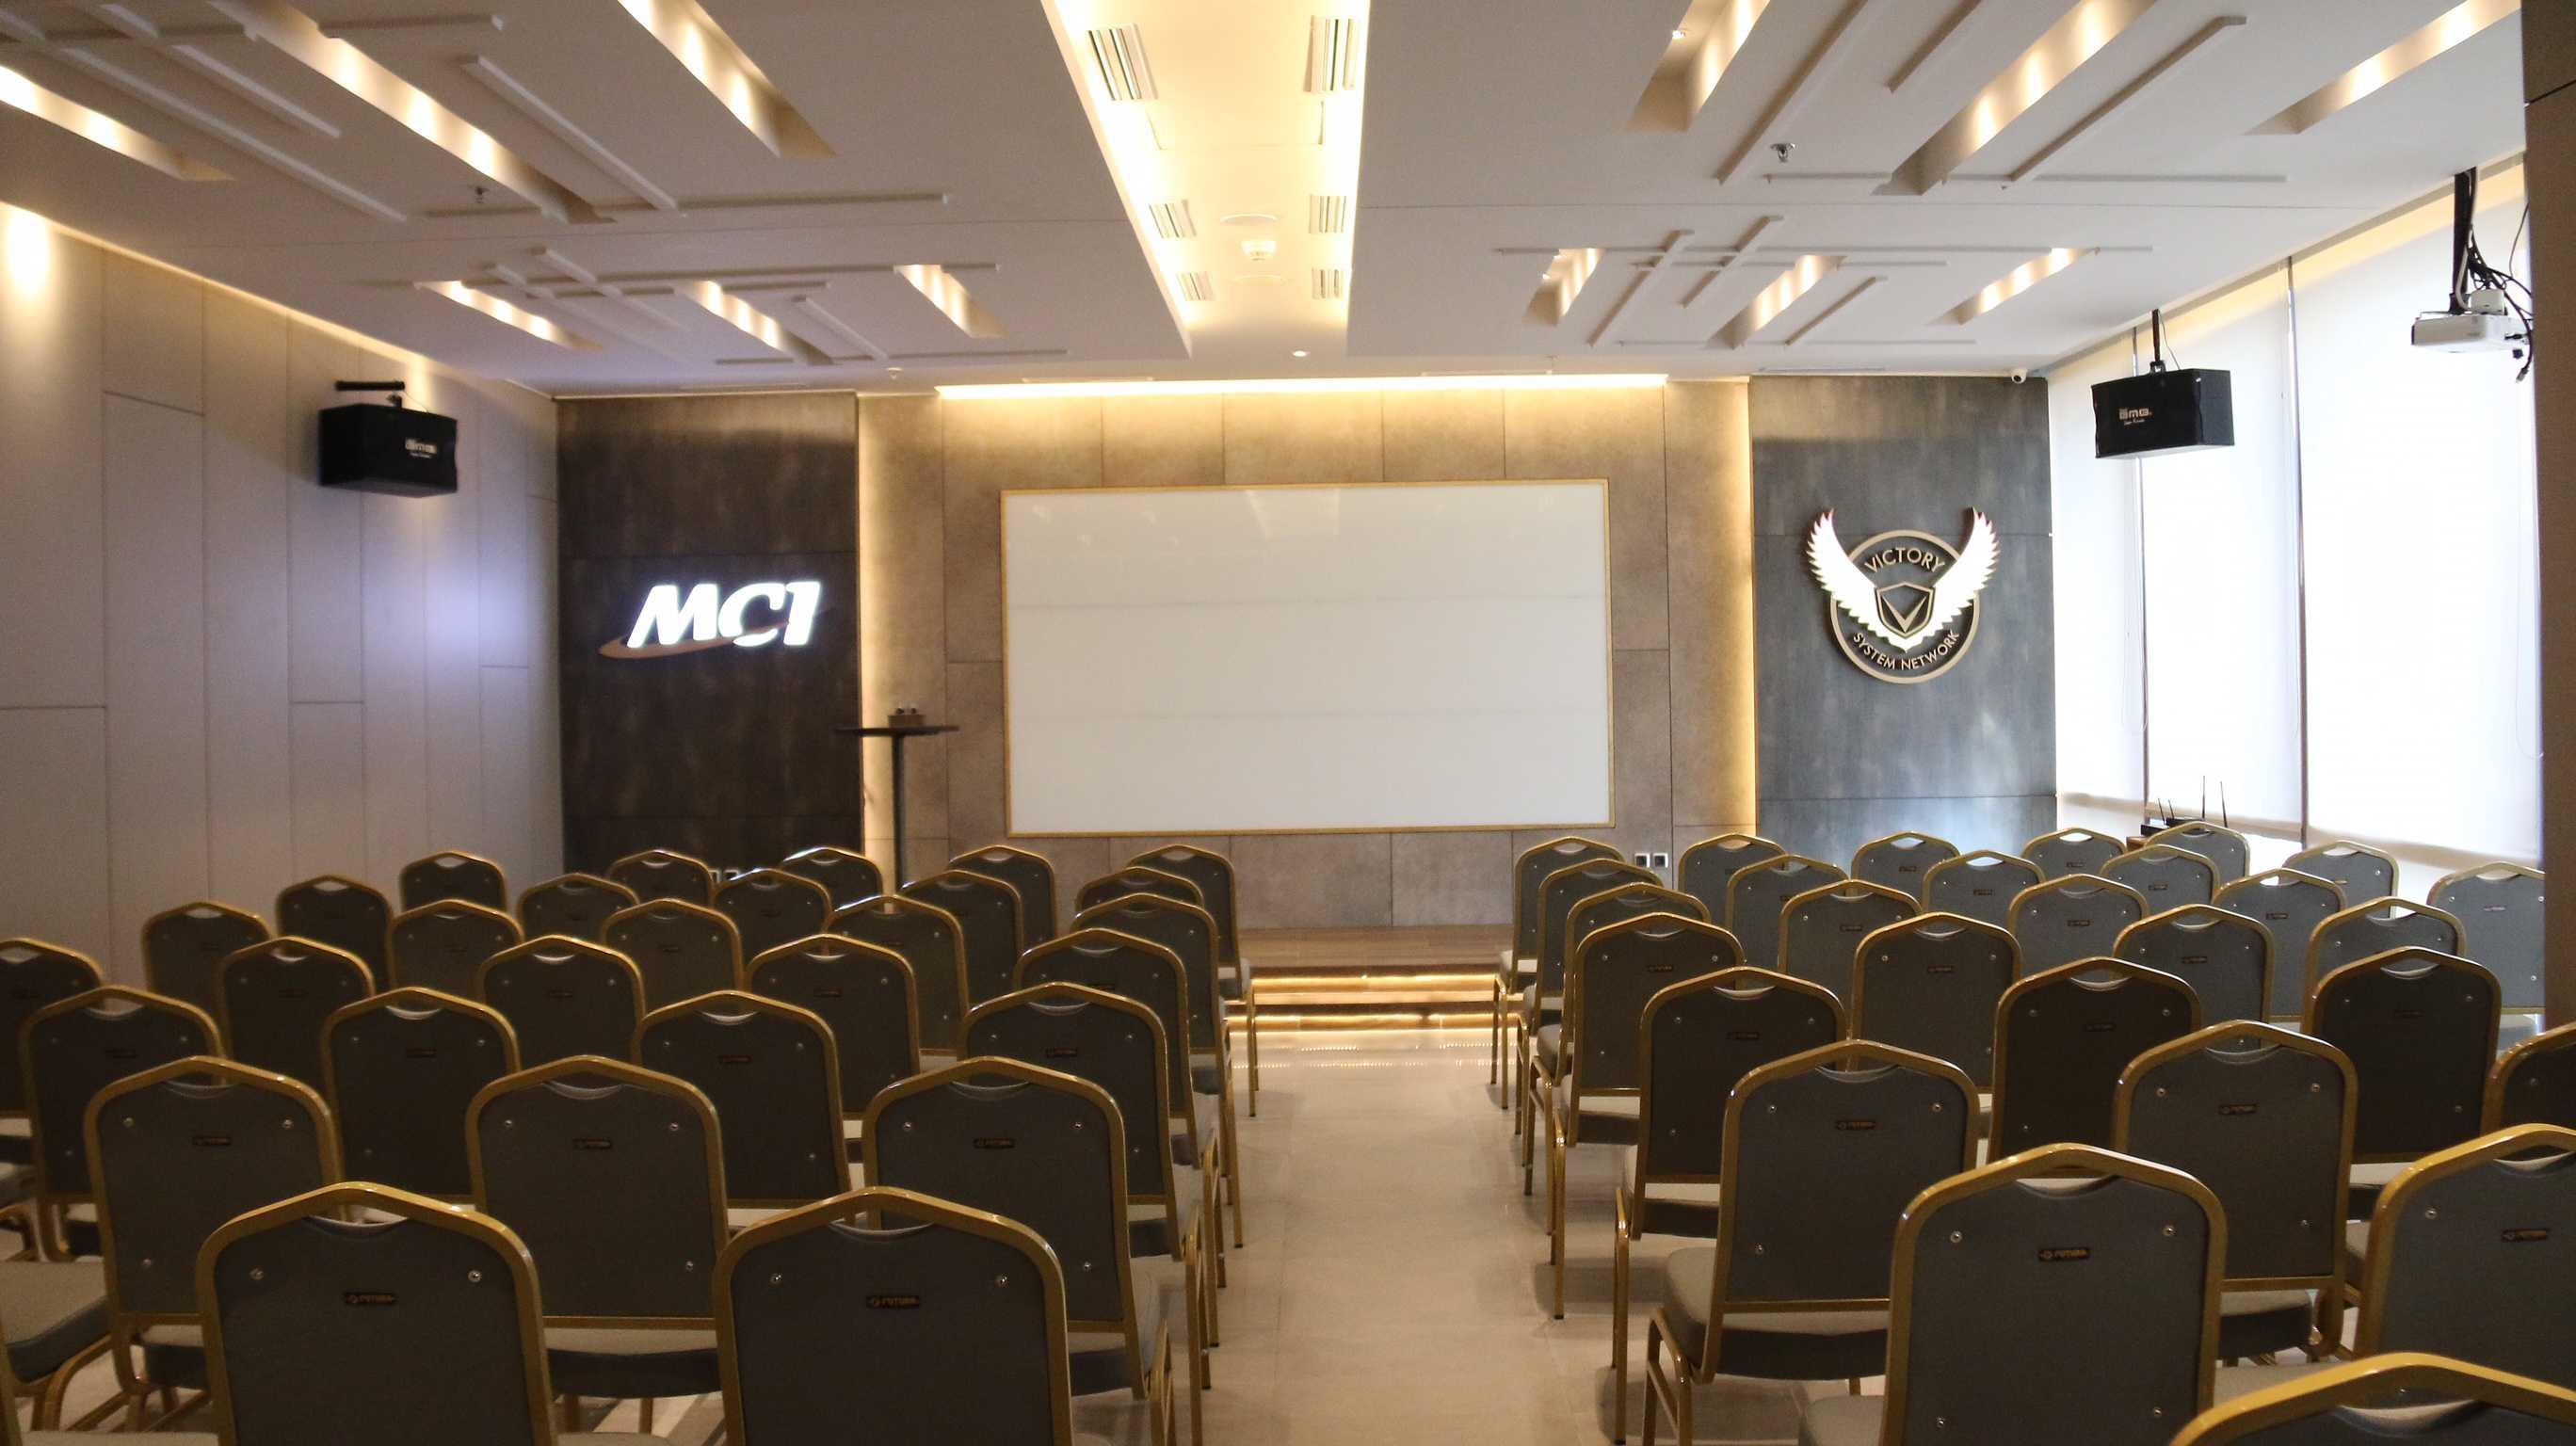 Seed Studio Mci  Daerah Khusus Ibukota Jakarta, Indonesia Daerah Khusus Ibukota Jakarta, Indonesia Conference Room   46278